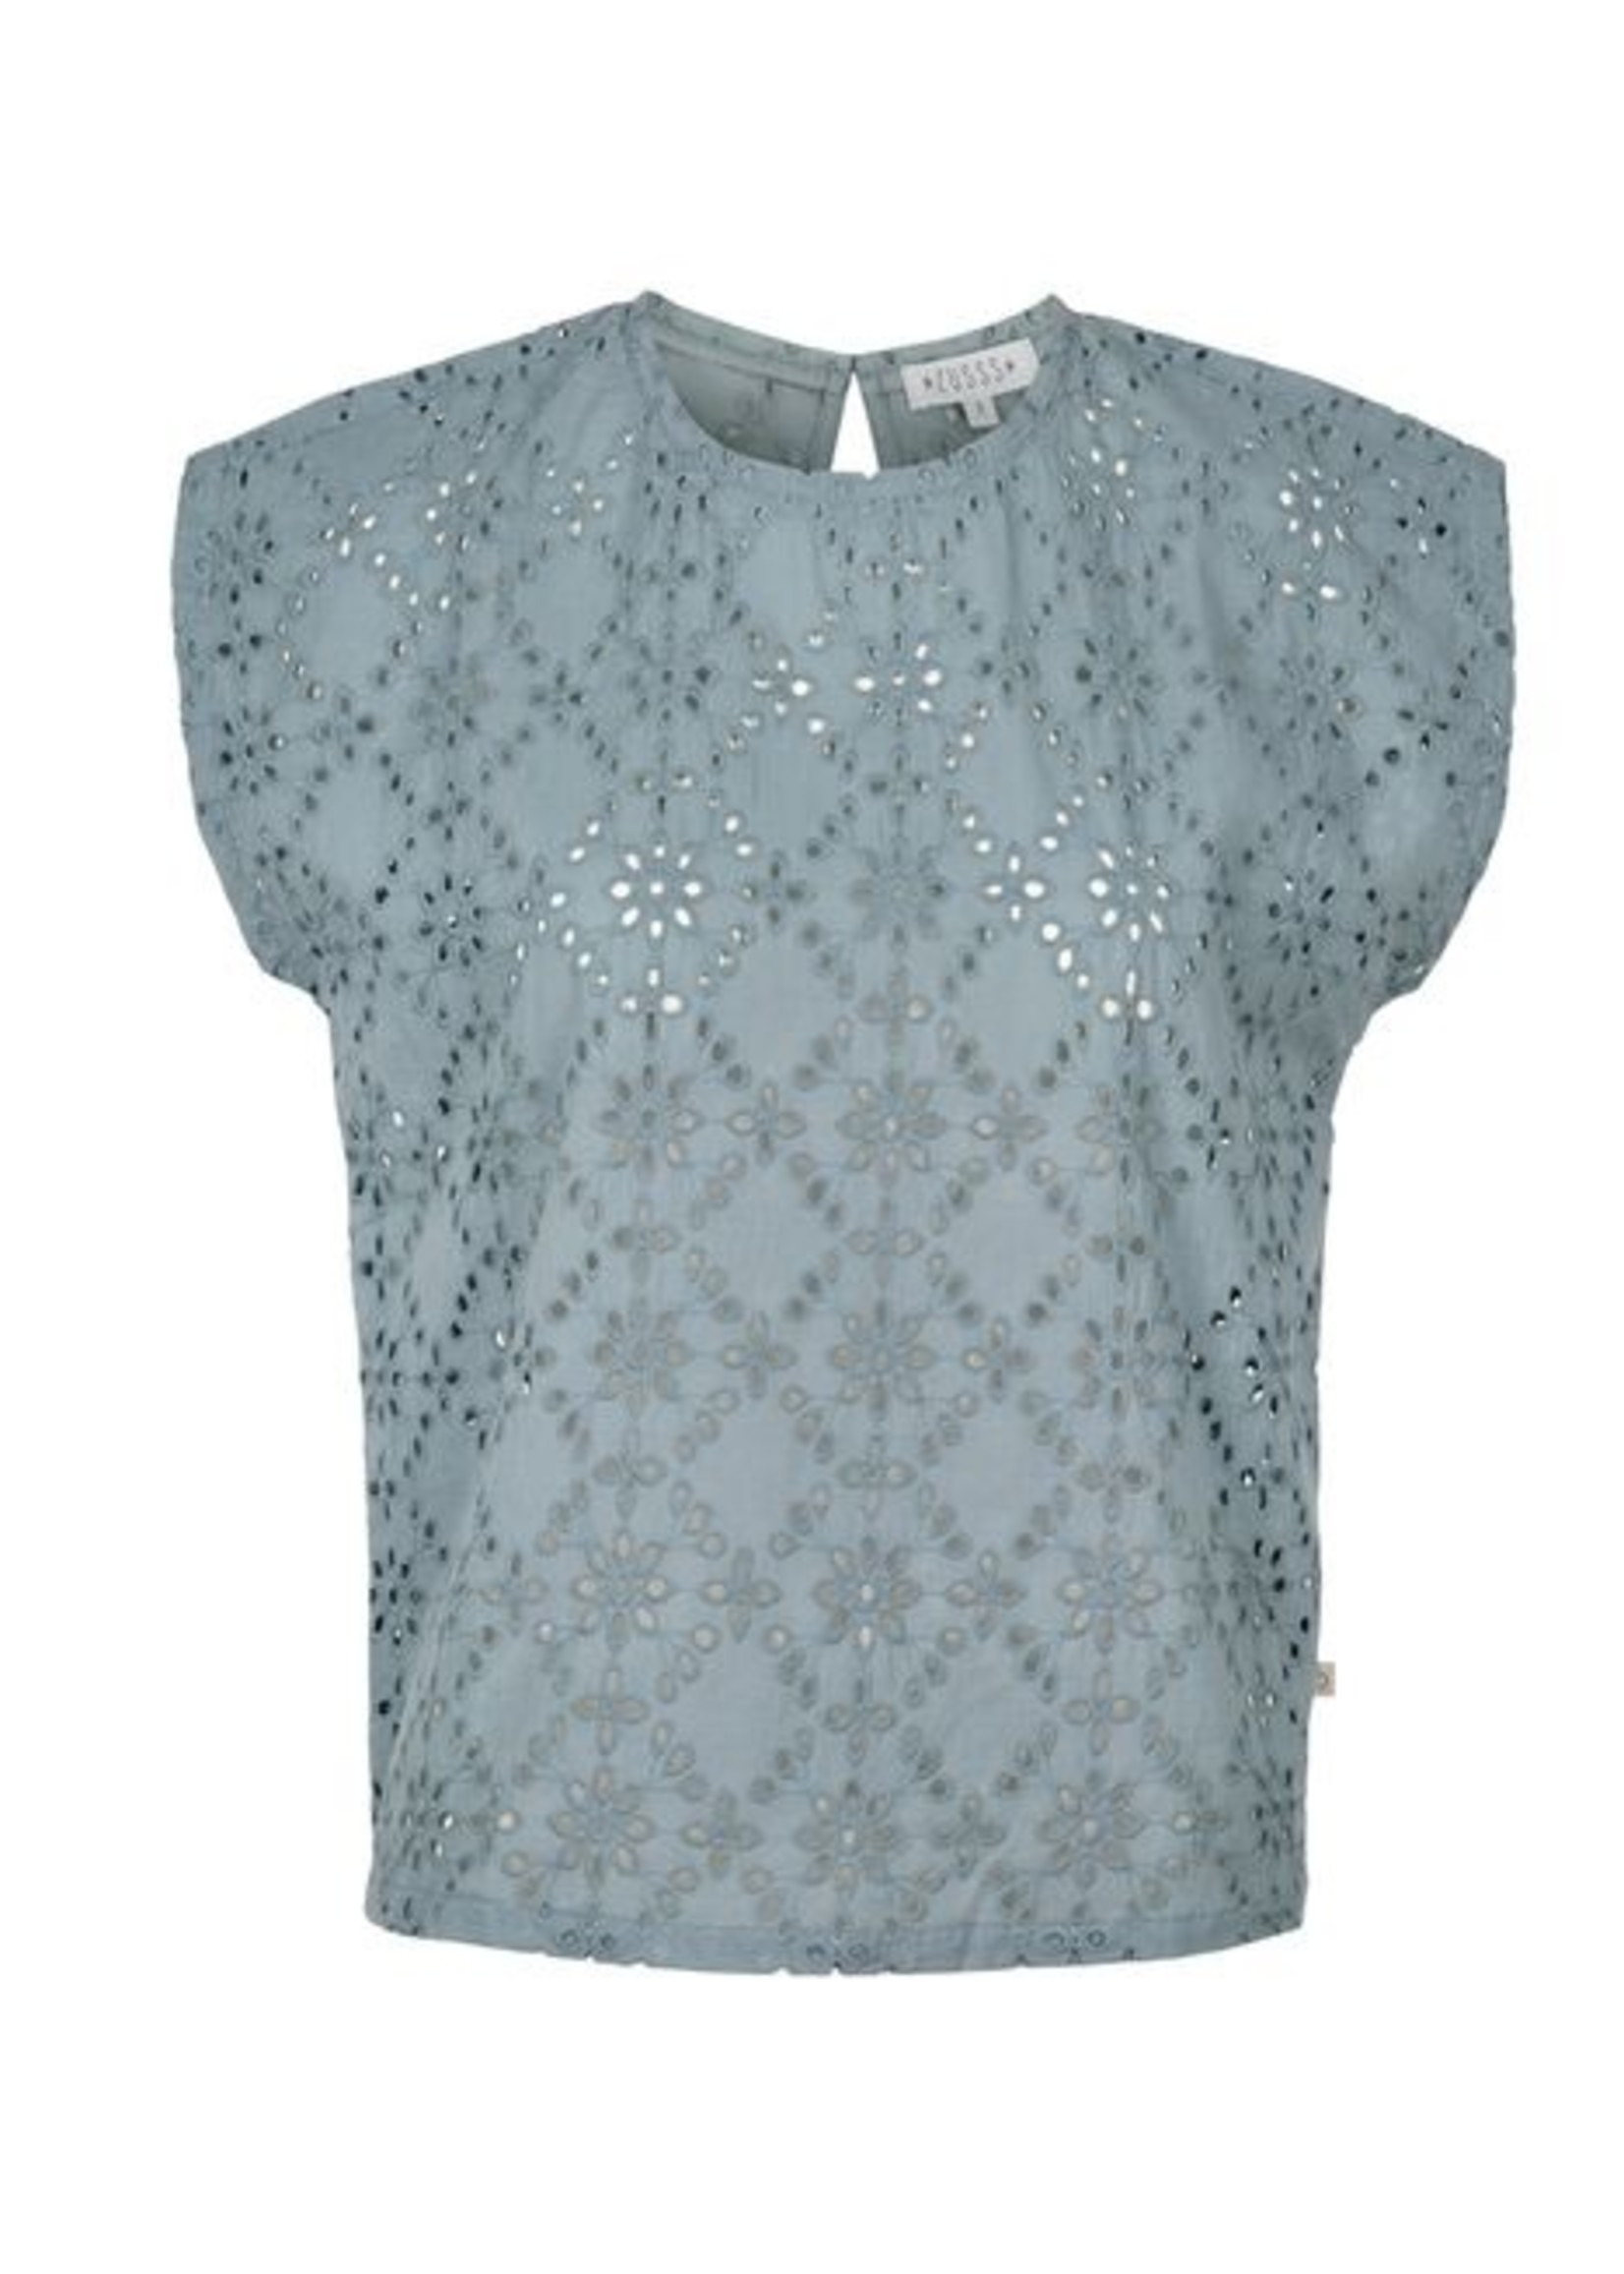 Zusss Broderie blouseje grijs-blauw